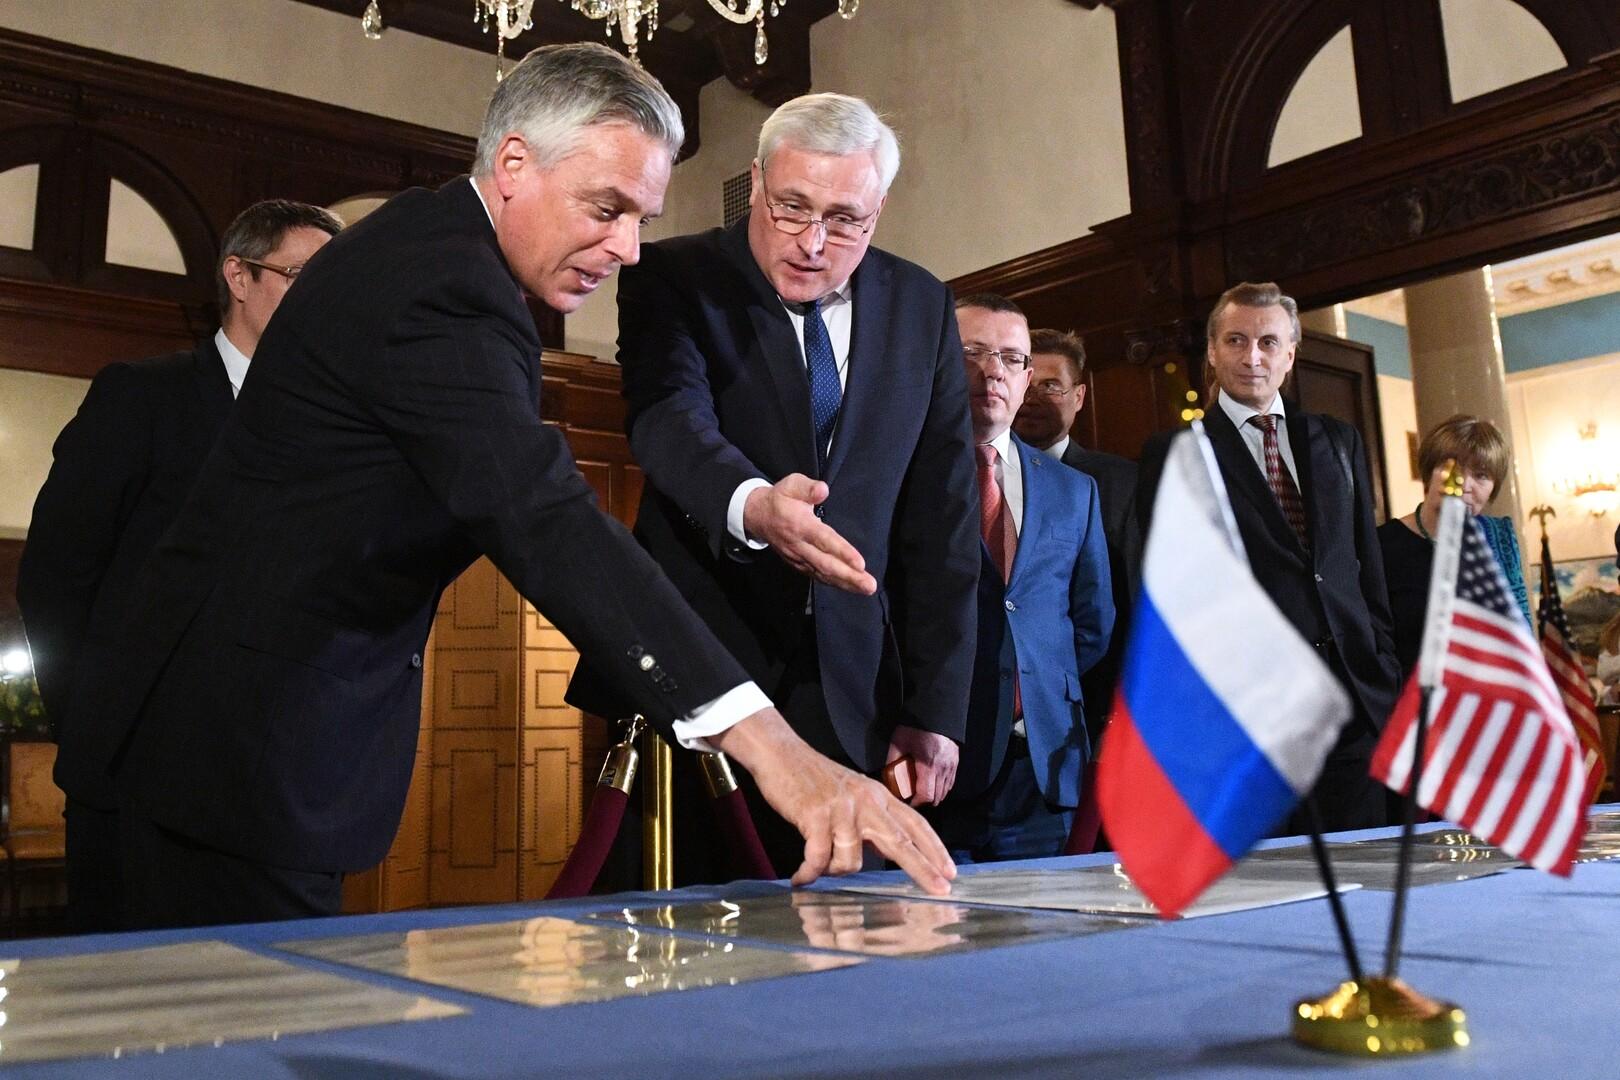 تسليم الوثائق إلى روسيا